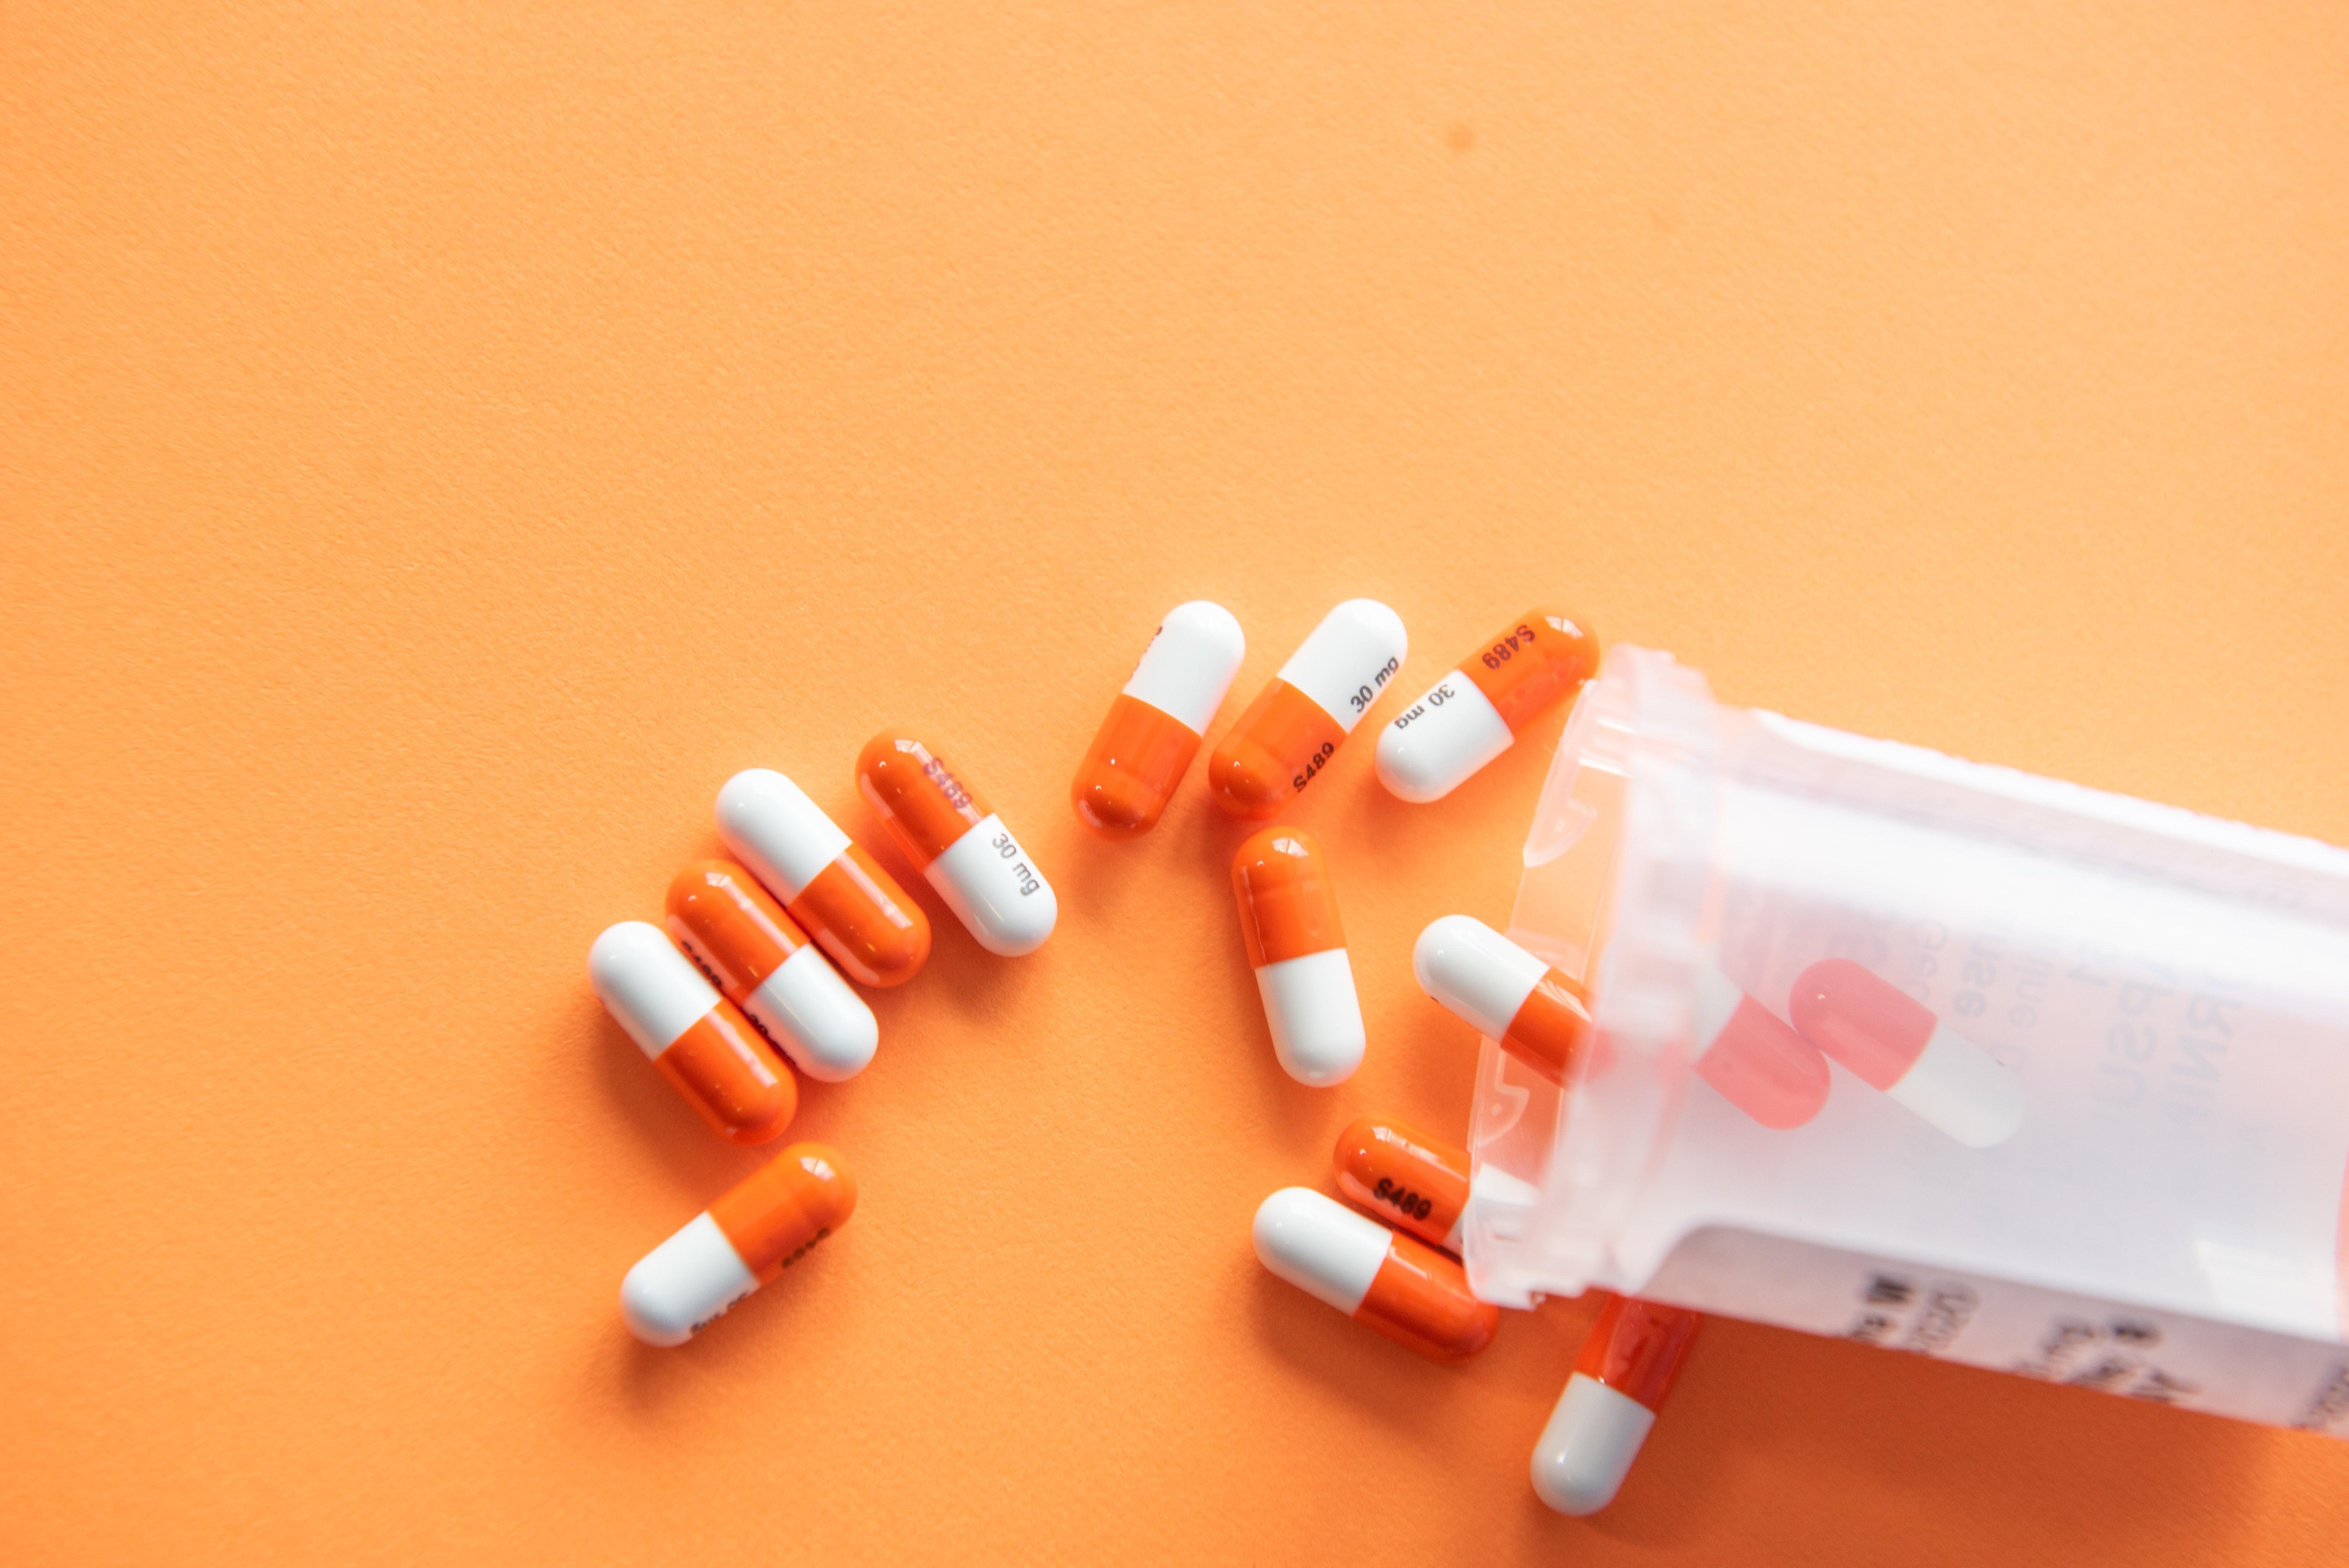 Remédio para artrite da Pfizer reduz em 37% risco de morte por Covid-19 (Foto: Christina Victoria Craft/Unsplash)